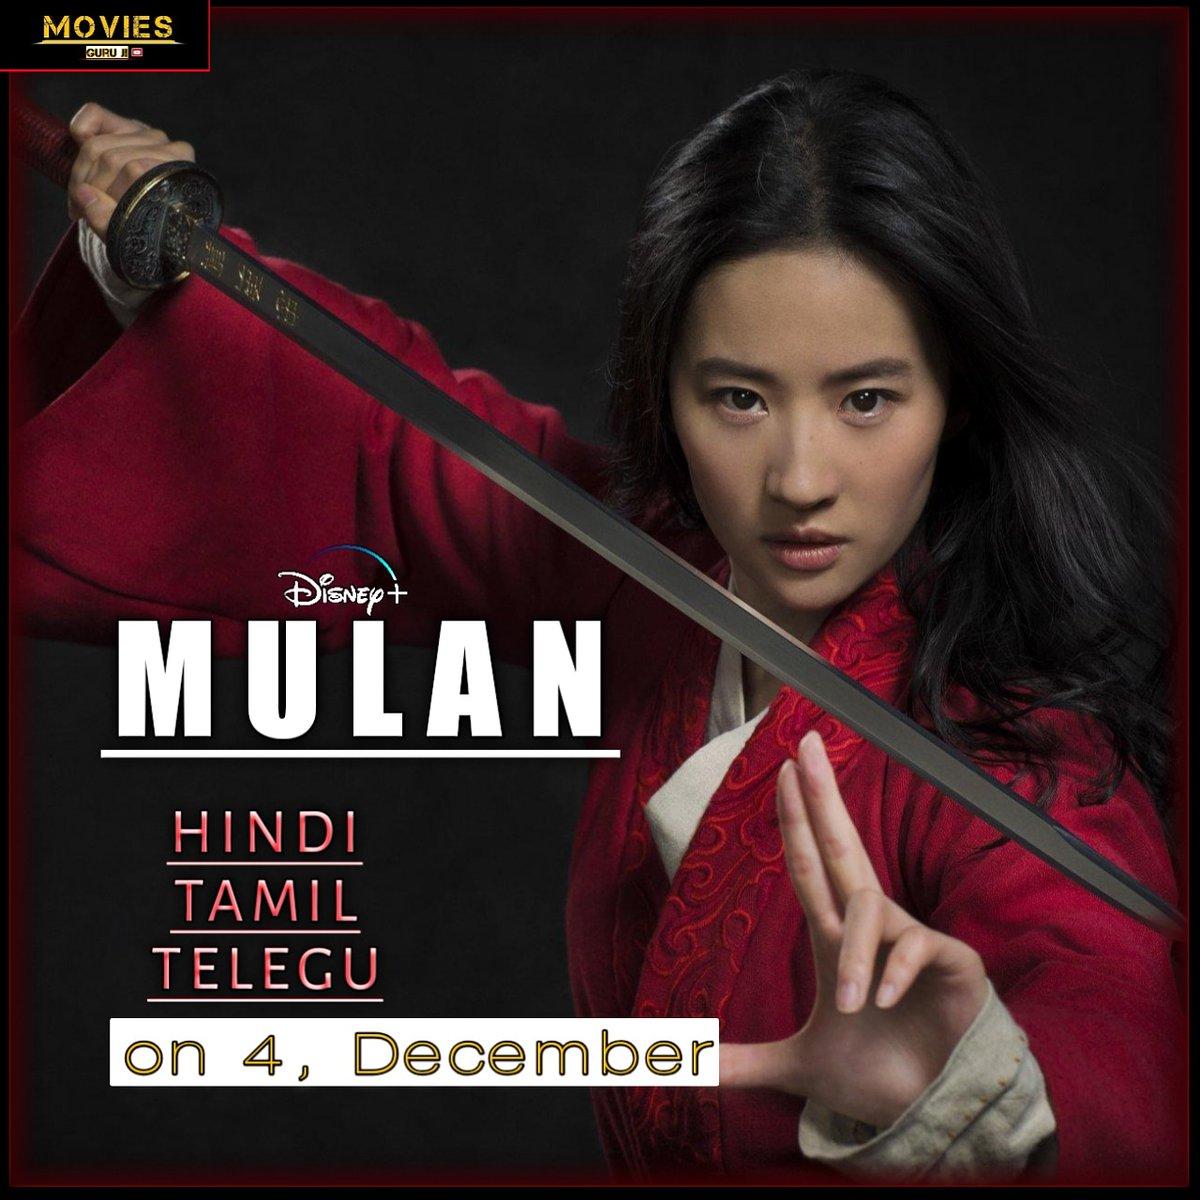 4, december #hindi # tamil #telegu confirmed. https://t.co/ROwiASByNR